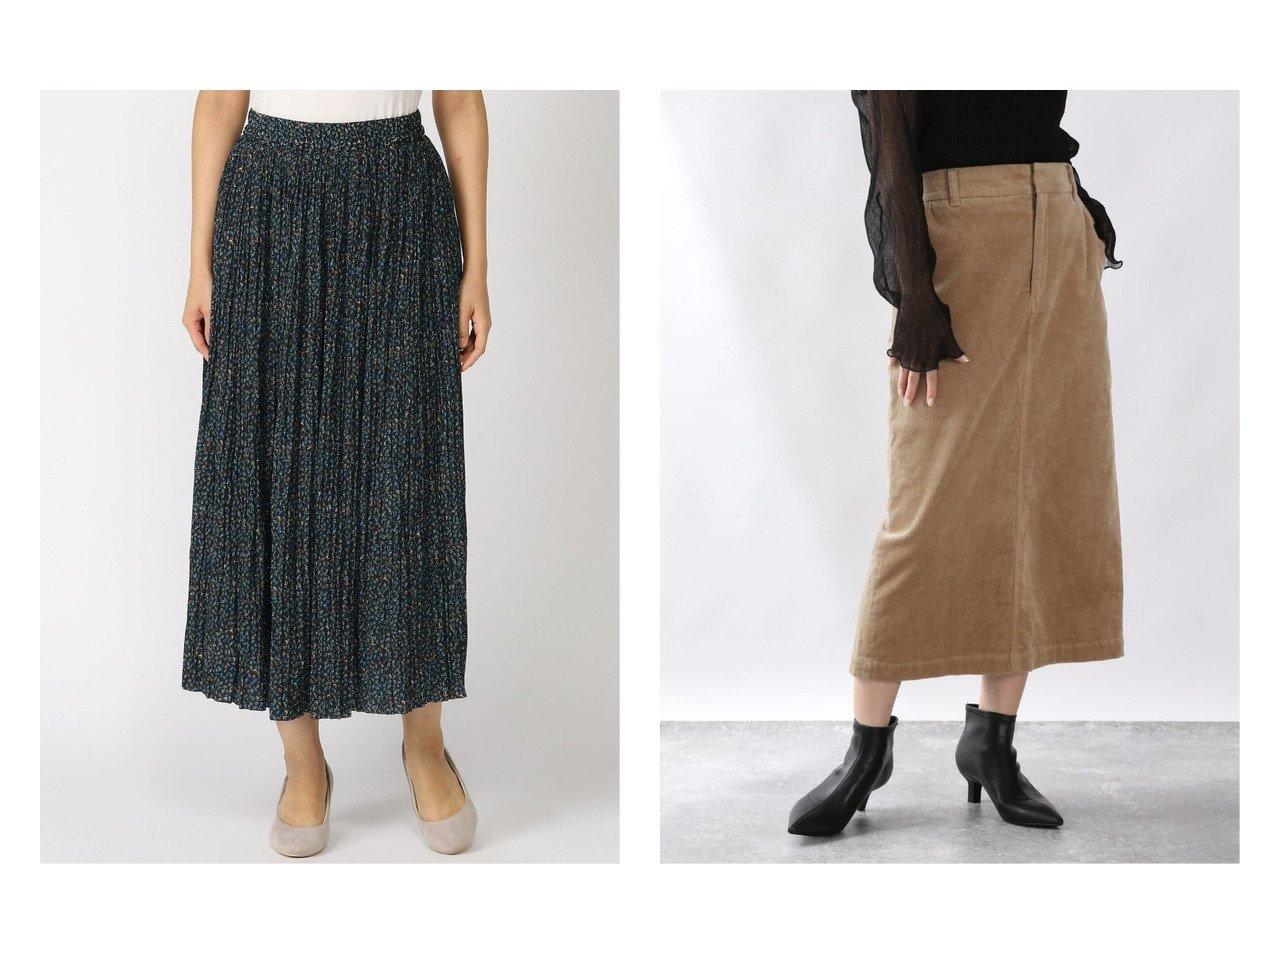 【studio CLIP/スタディオ クリップ】のVINTサテンプリーツSK&【LOWRYS FARM/ローリーズファーム】のライスコーデュロイスカート* スカートのおすすめ!人気、レディースファッションの通販 おすすめで人気のファッション通販商品 インテリア・家具・キッズファッション・メンズファッション・レディースファッション・服の通販 founy(ファニー) https://founy.com/ ファッション Fashion レディース WOMEN ワンピース Dress スカート Skirt プリーツスカート Pleated Skirts トップス Tops Tshirt シャツ/ブラウス Shirts Blouses ギャザー サテン スウェット ドット プリーツ リーフ ヴィンテージ 楽ちん コーデュロイ ストレッチ タイトスカート ベーシック 定番 |ID:crp329100000001175